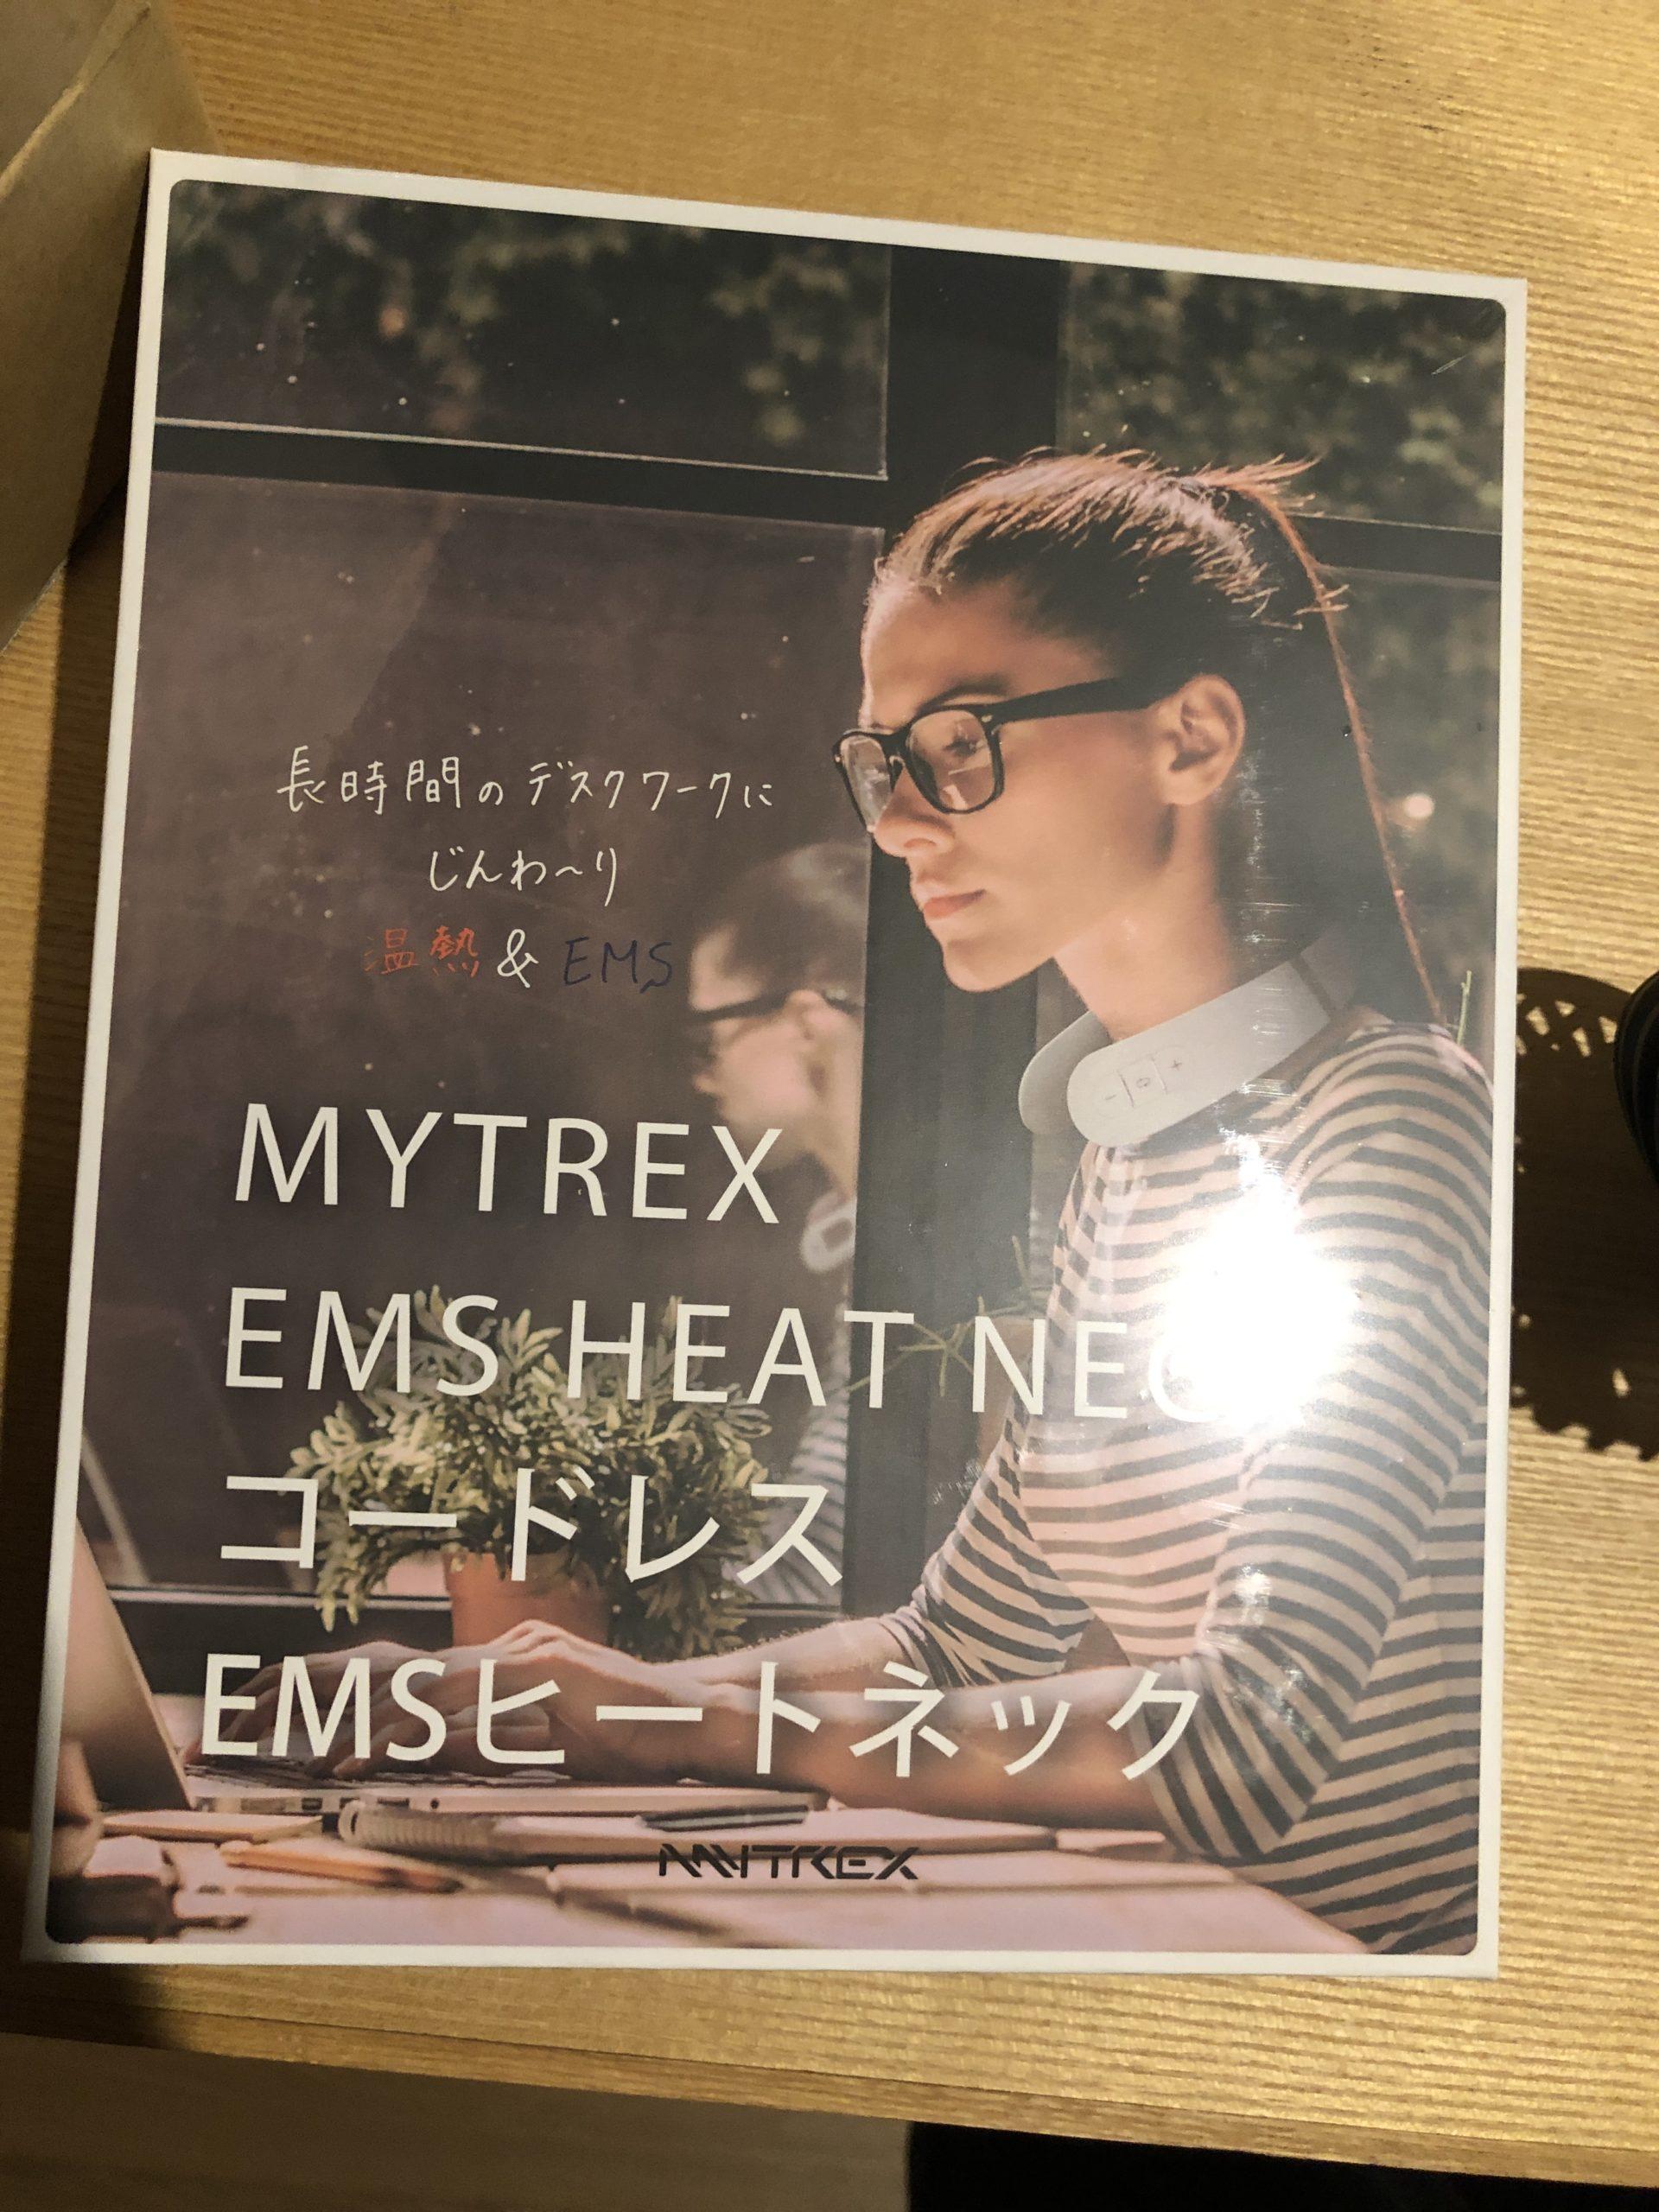 マイトレックス EMCコードレスヒートネック パッケージ